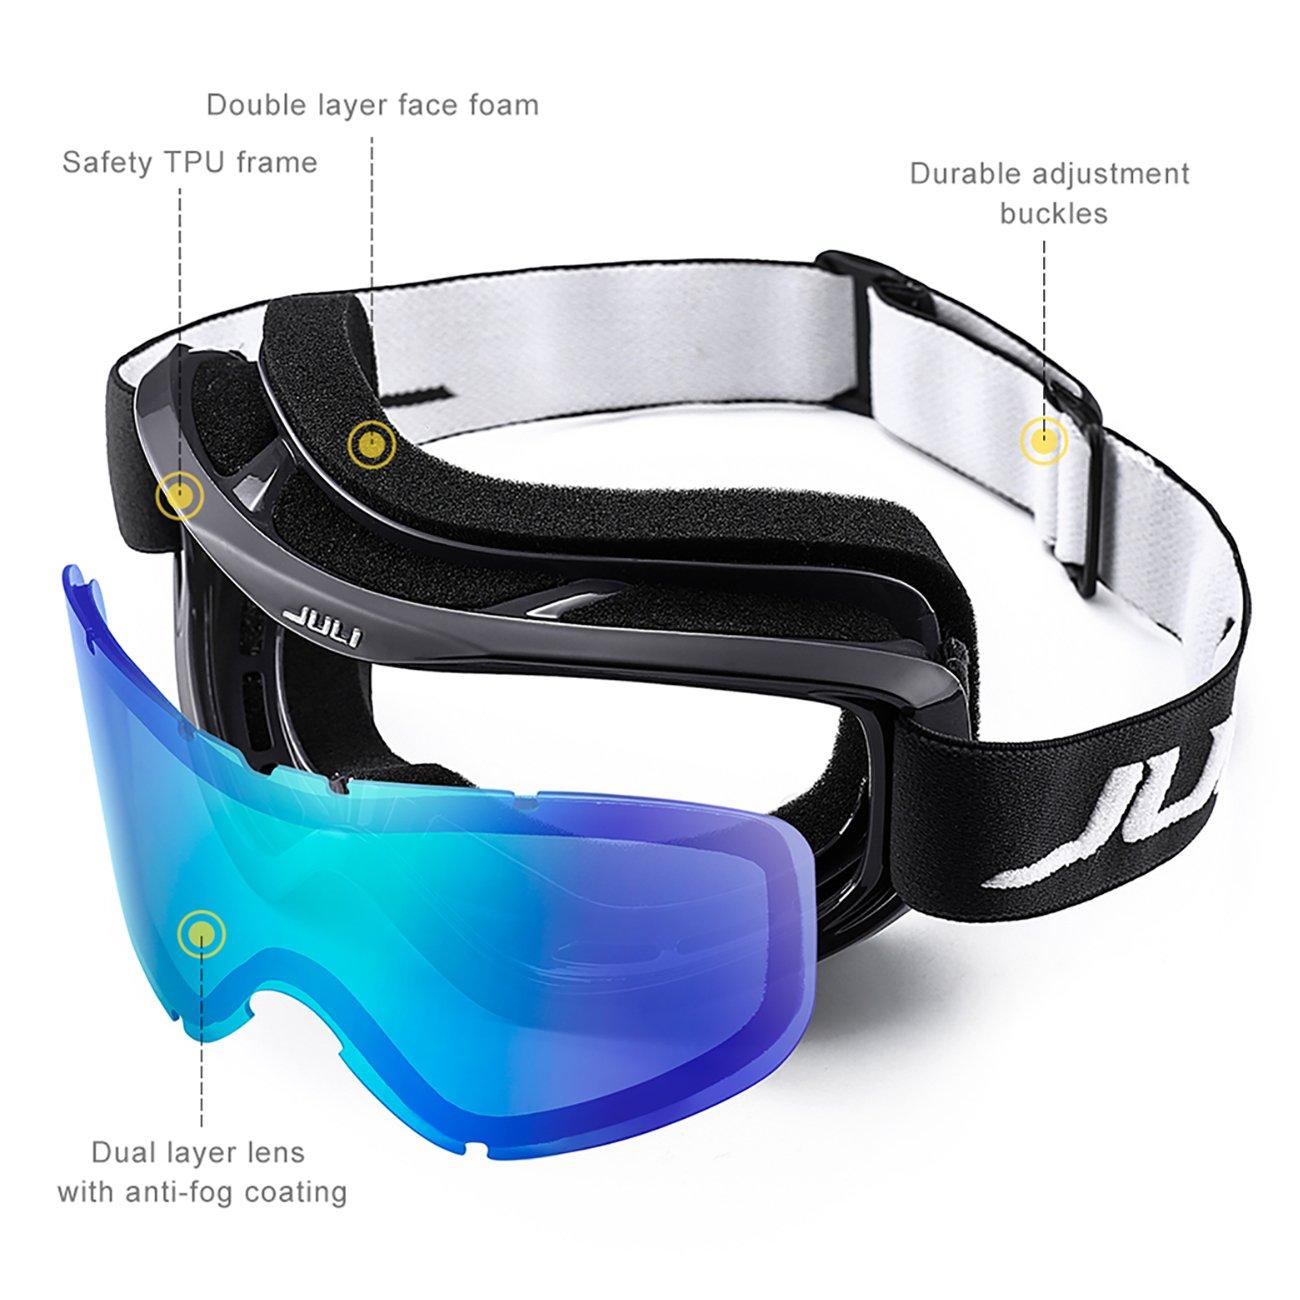 d691d088b8 JULI Ski Goggles